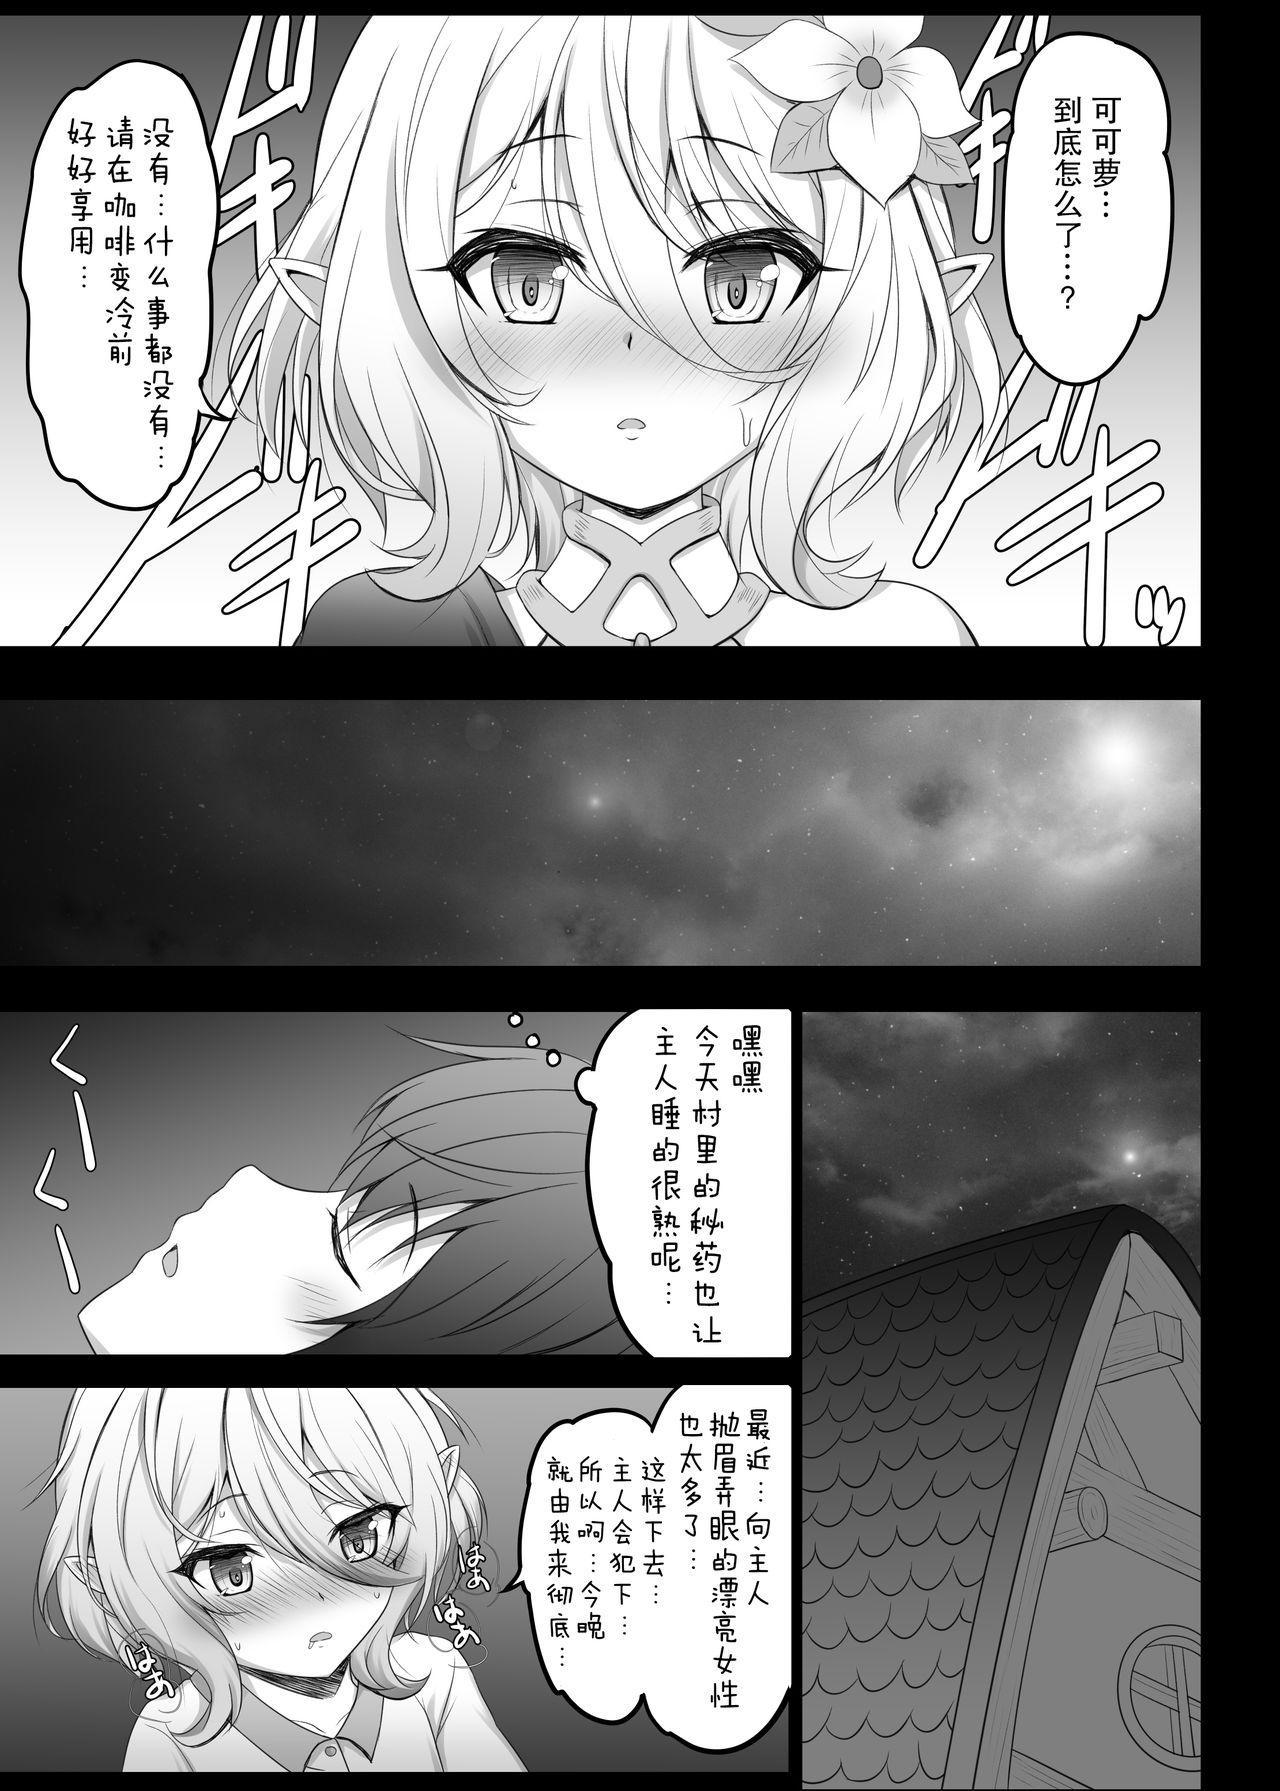 Kokkoro to Aruji-sama no Okusuri Ecchi Nisshi 7